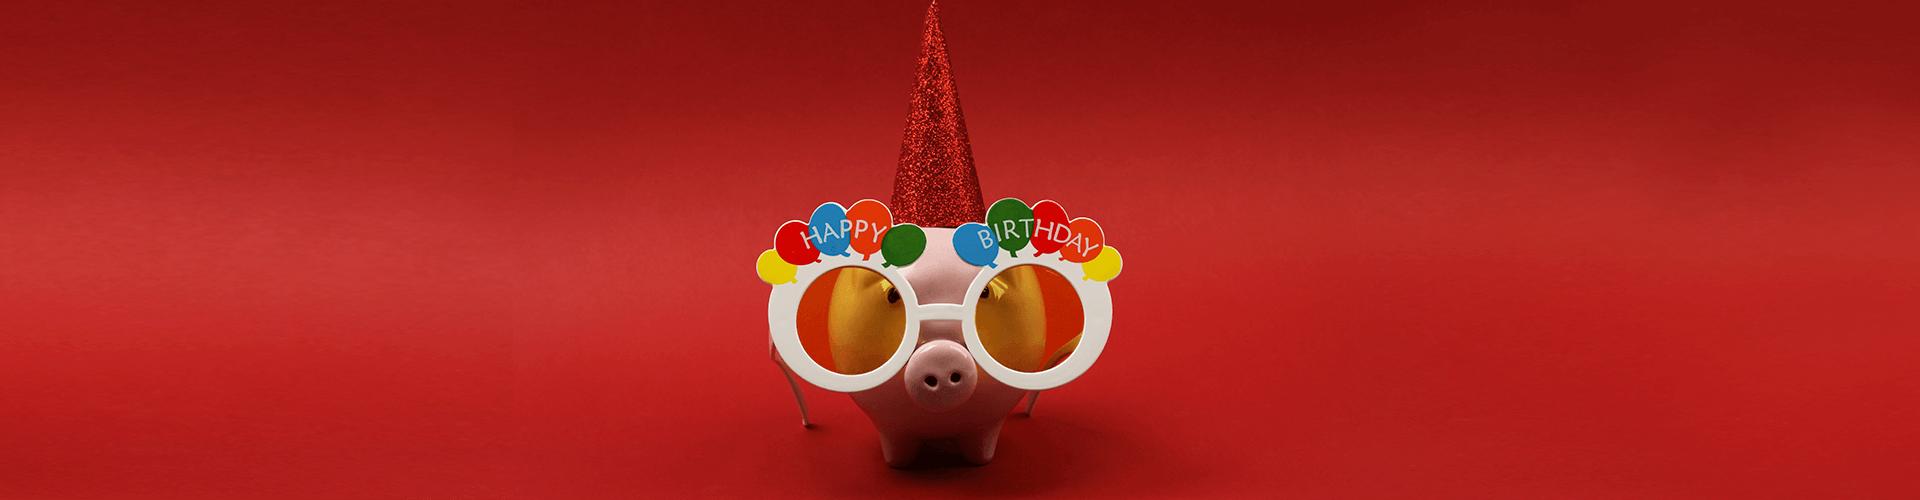 день рождения, копилка, праздник